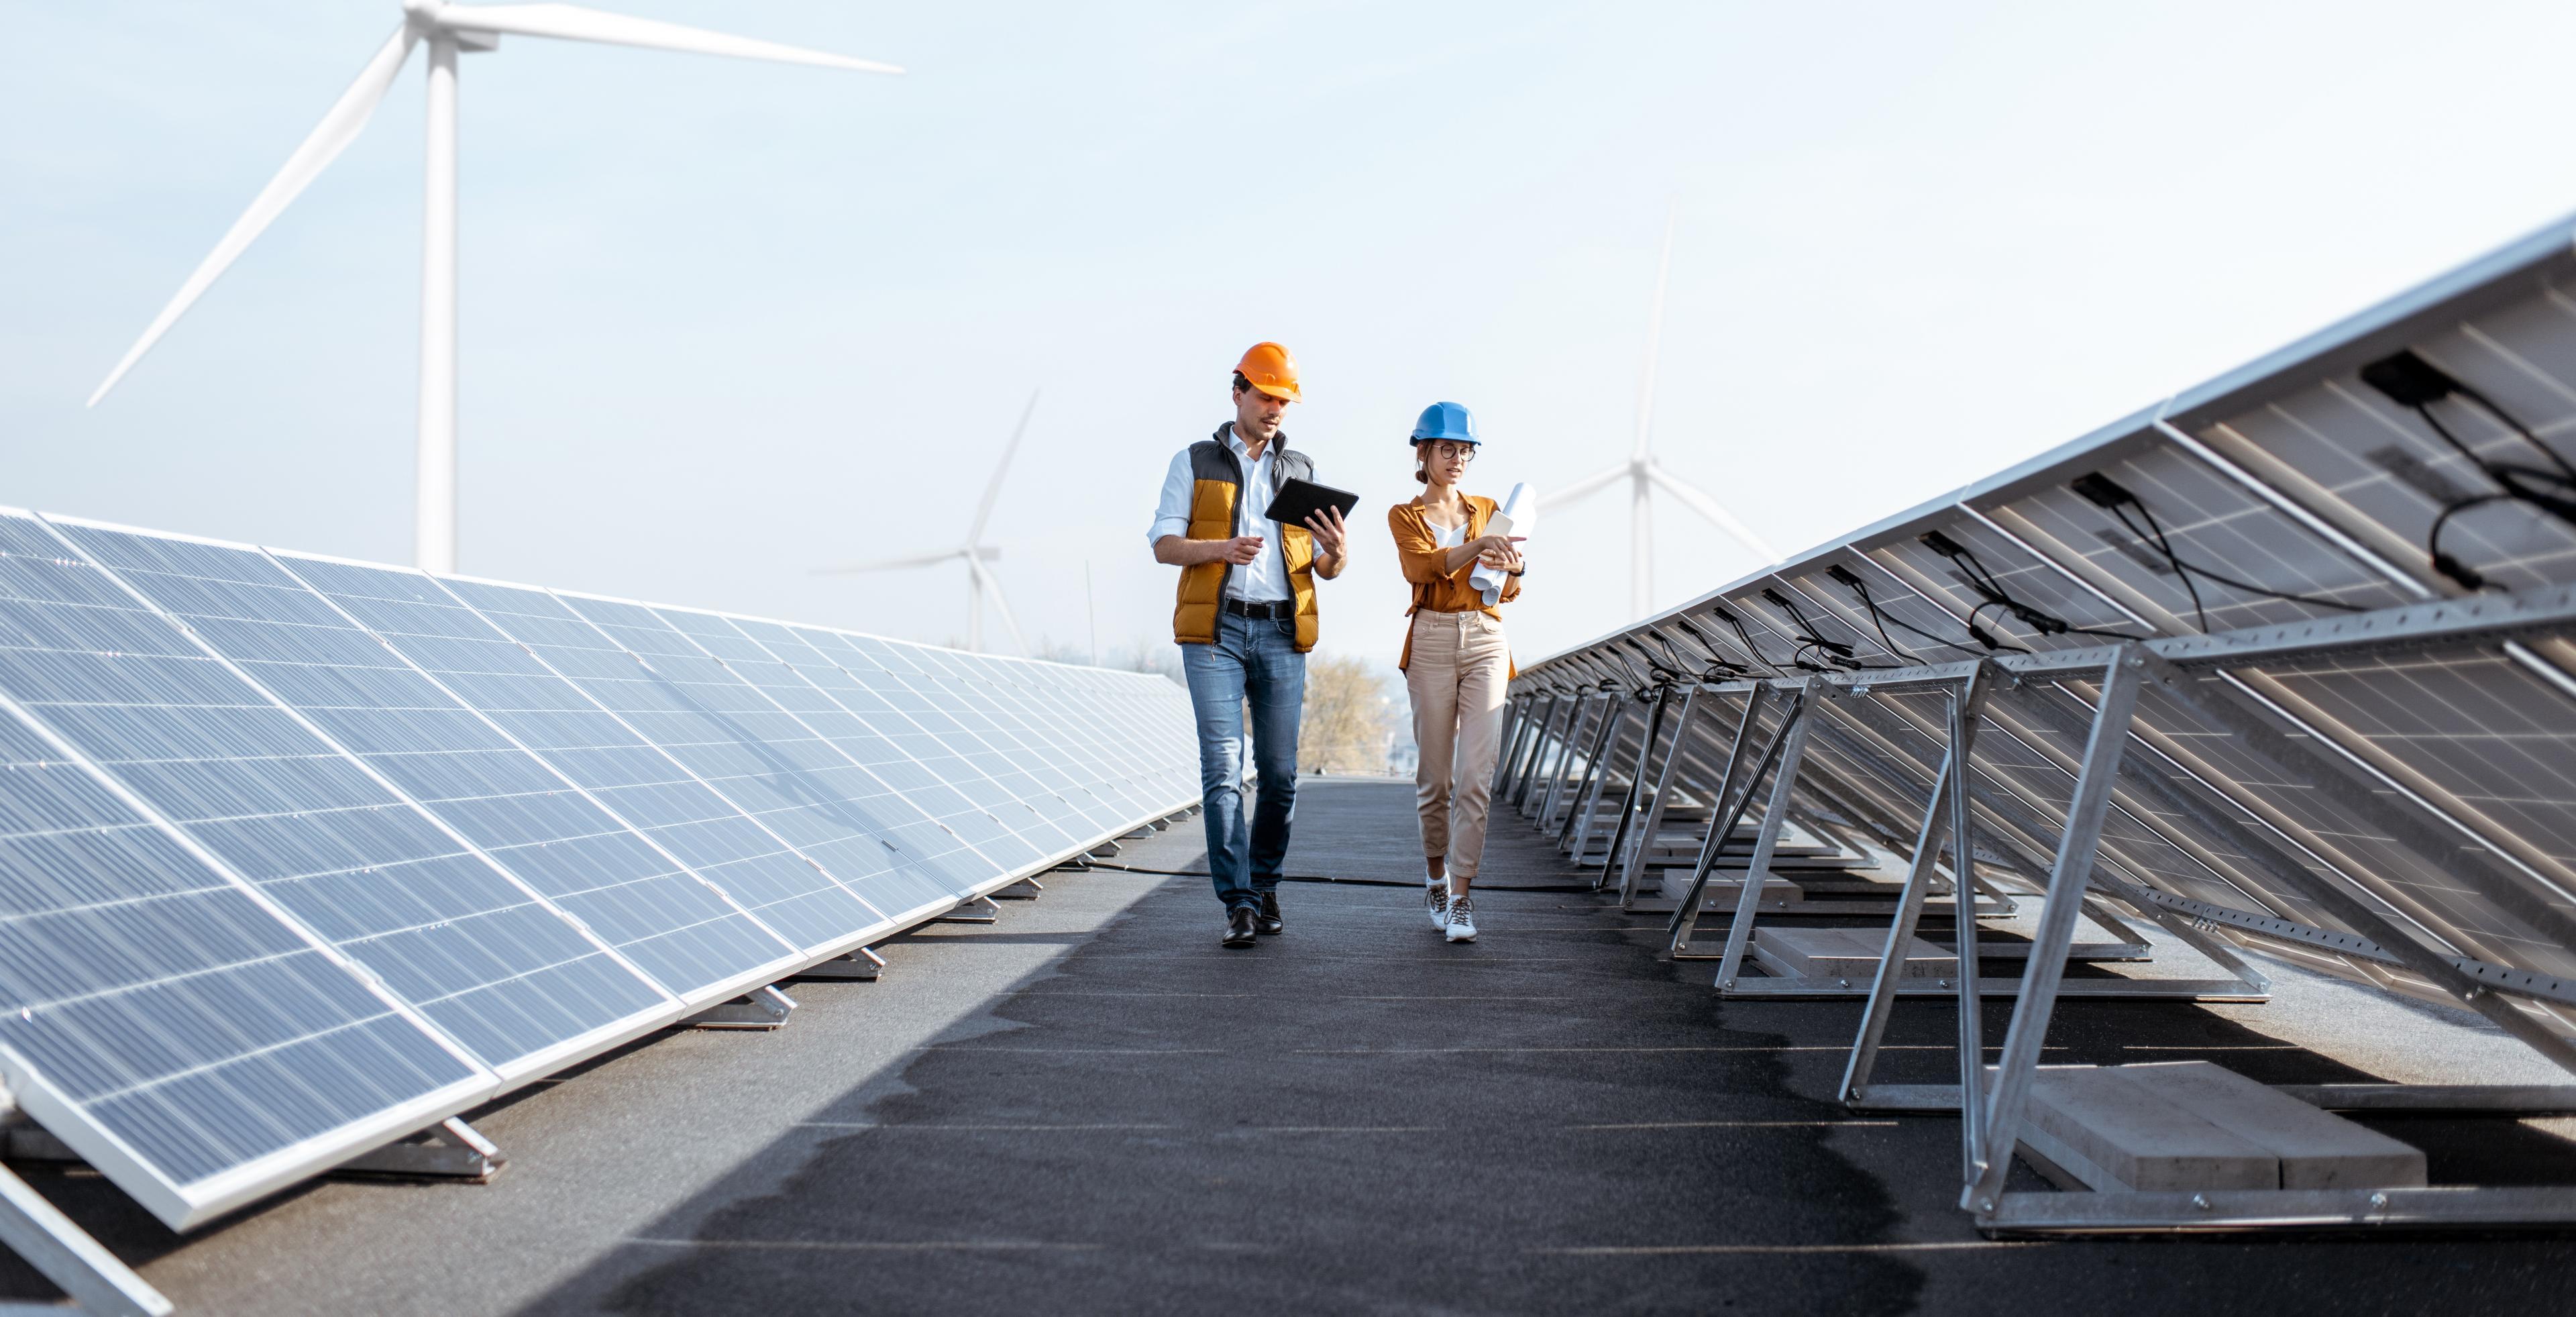 SSE_Energy_Solutions_Solar_Wind_People.jpg